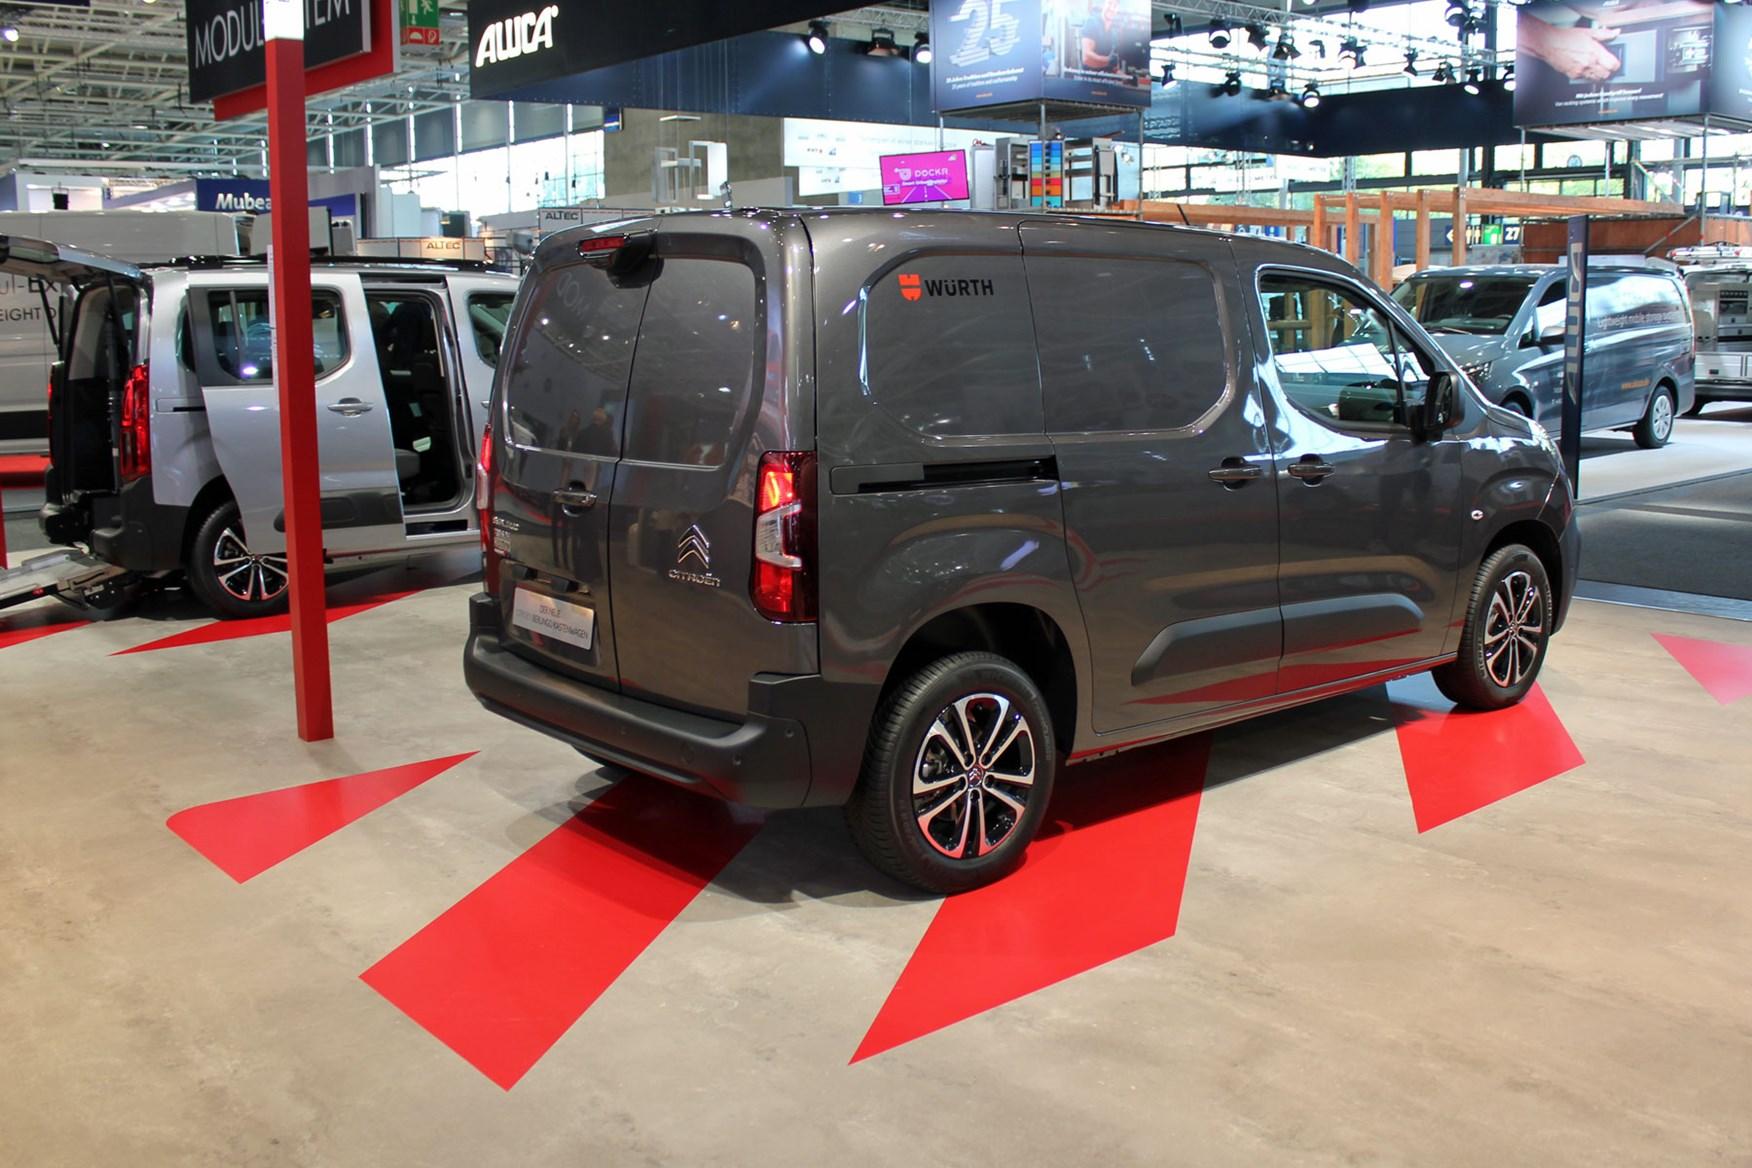 676c68e2d5 ... Citroen Berlingo van world debut at IAA Commercial Vehicles show - rear  view ...